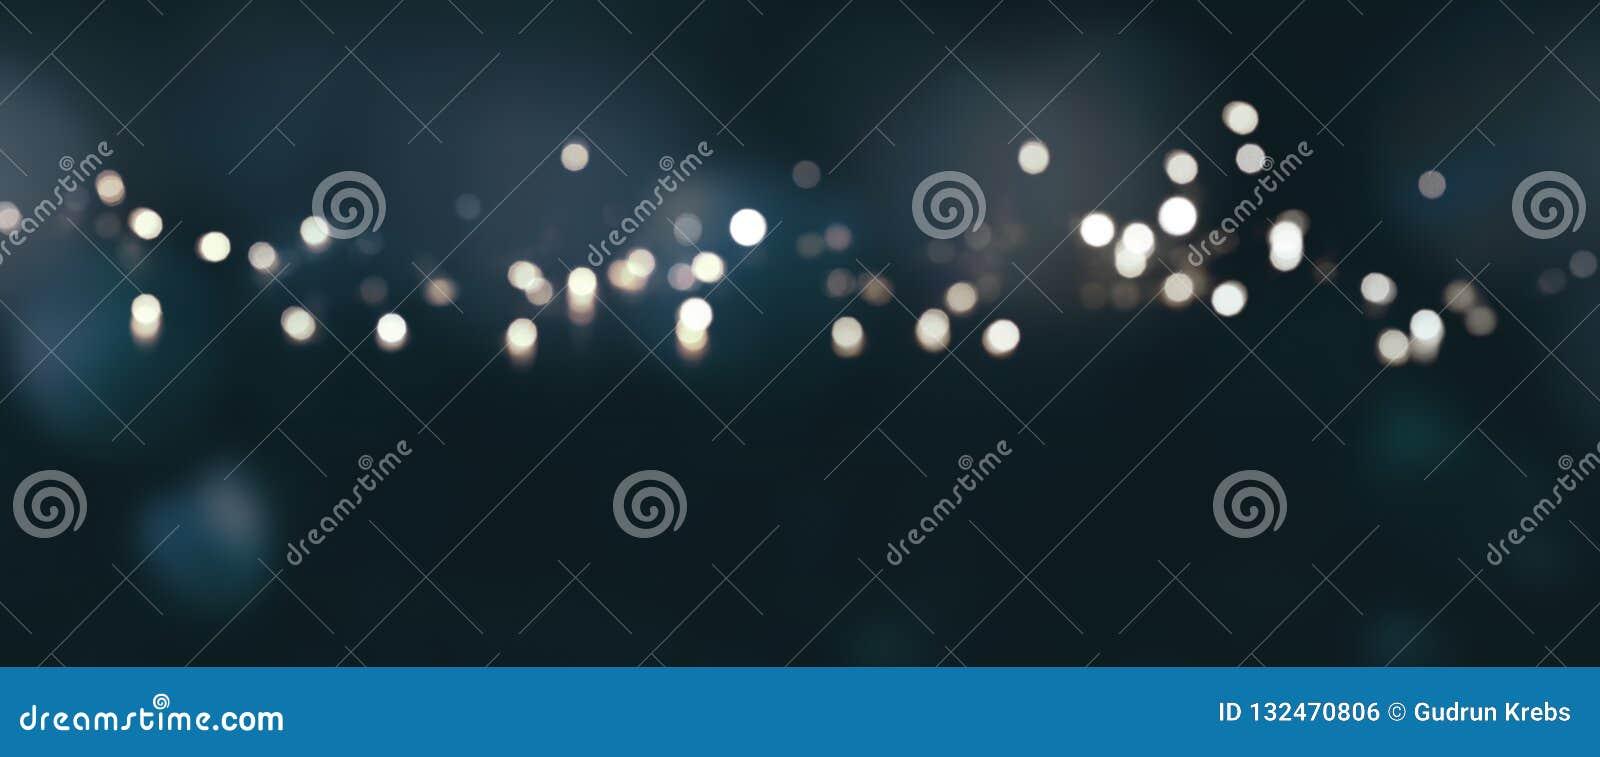 Zmrok - błękitny tło z srebnymi światłami